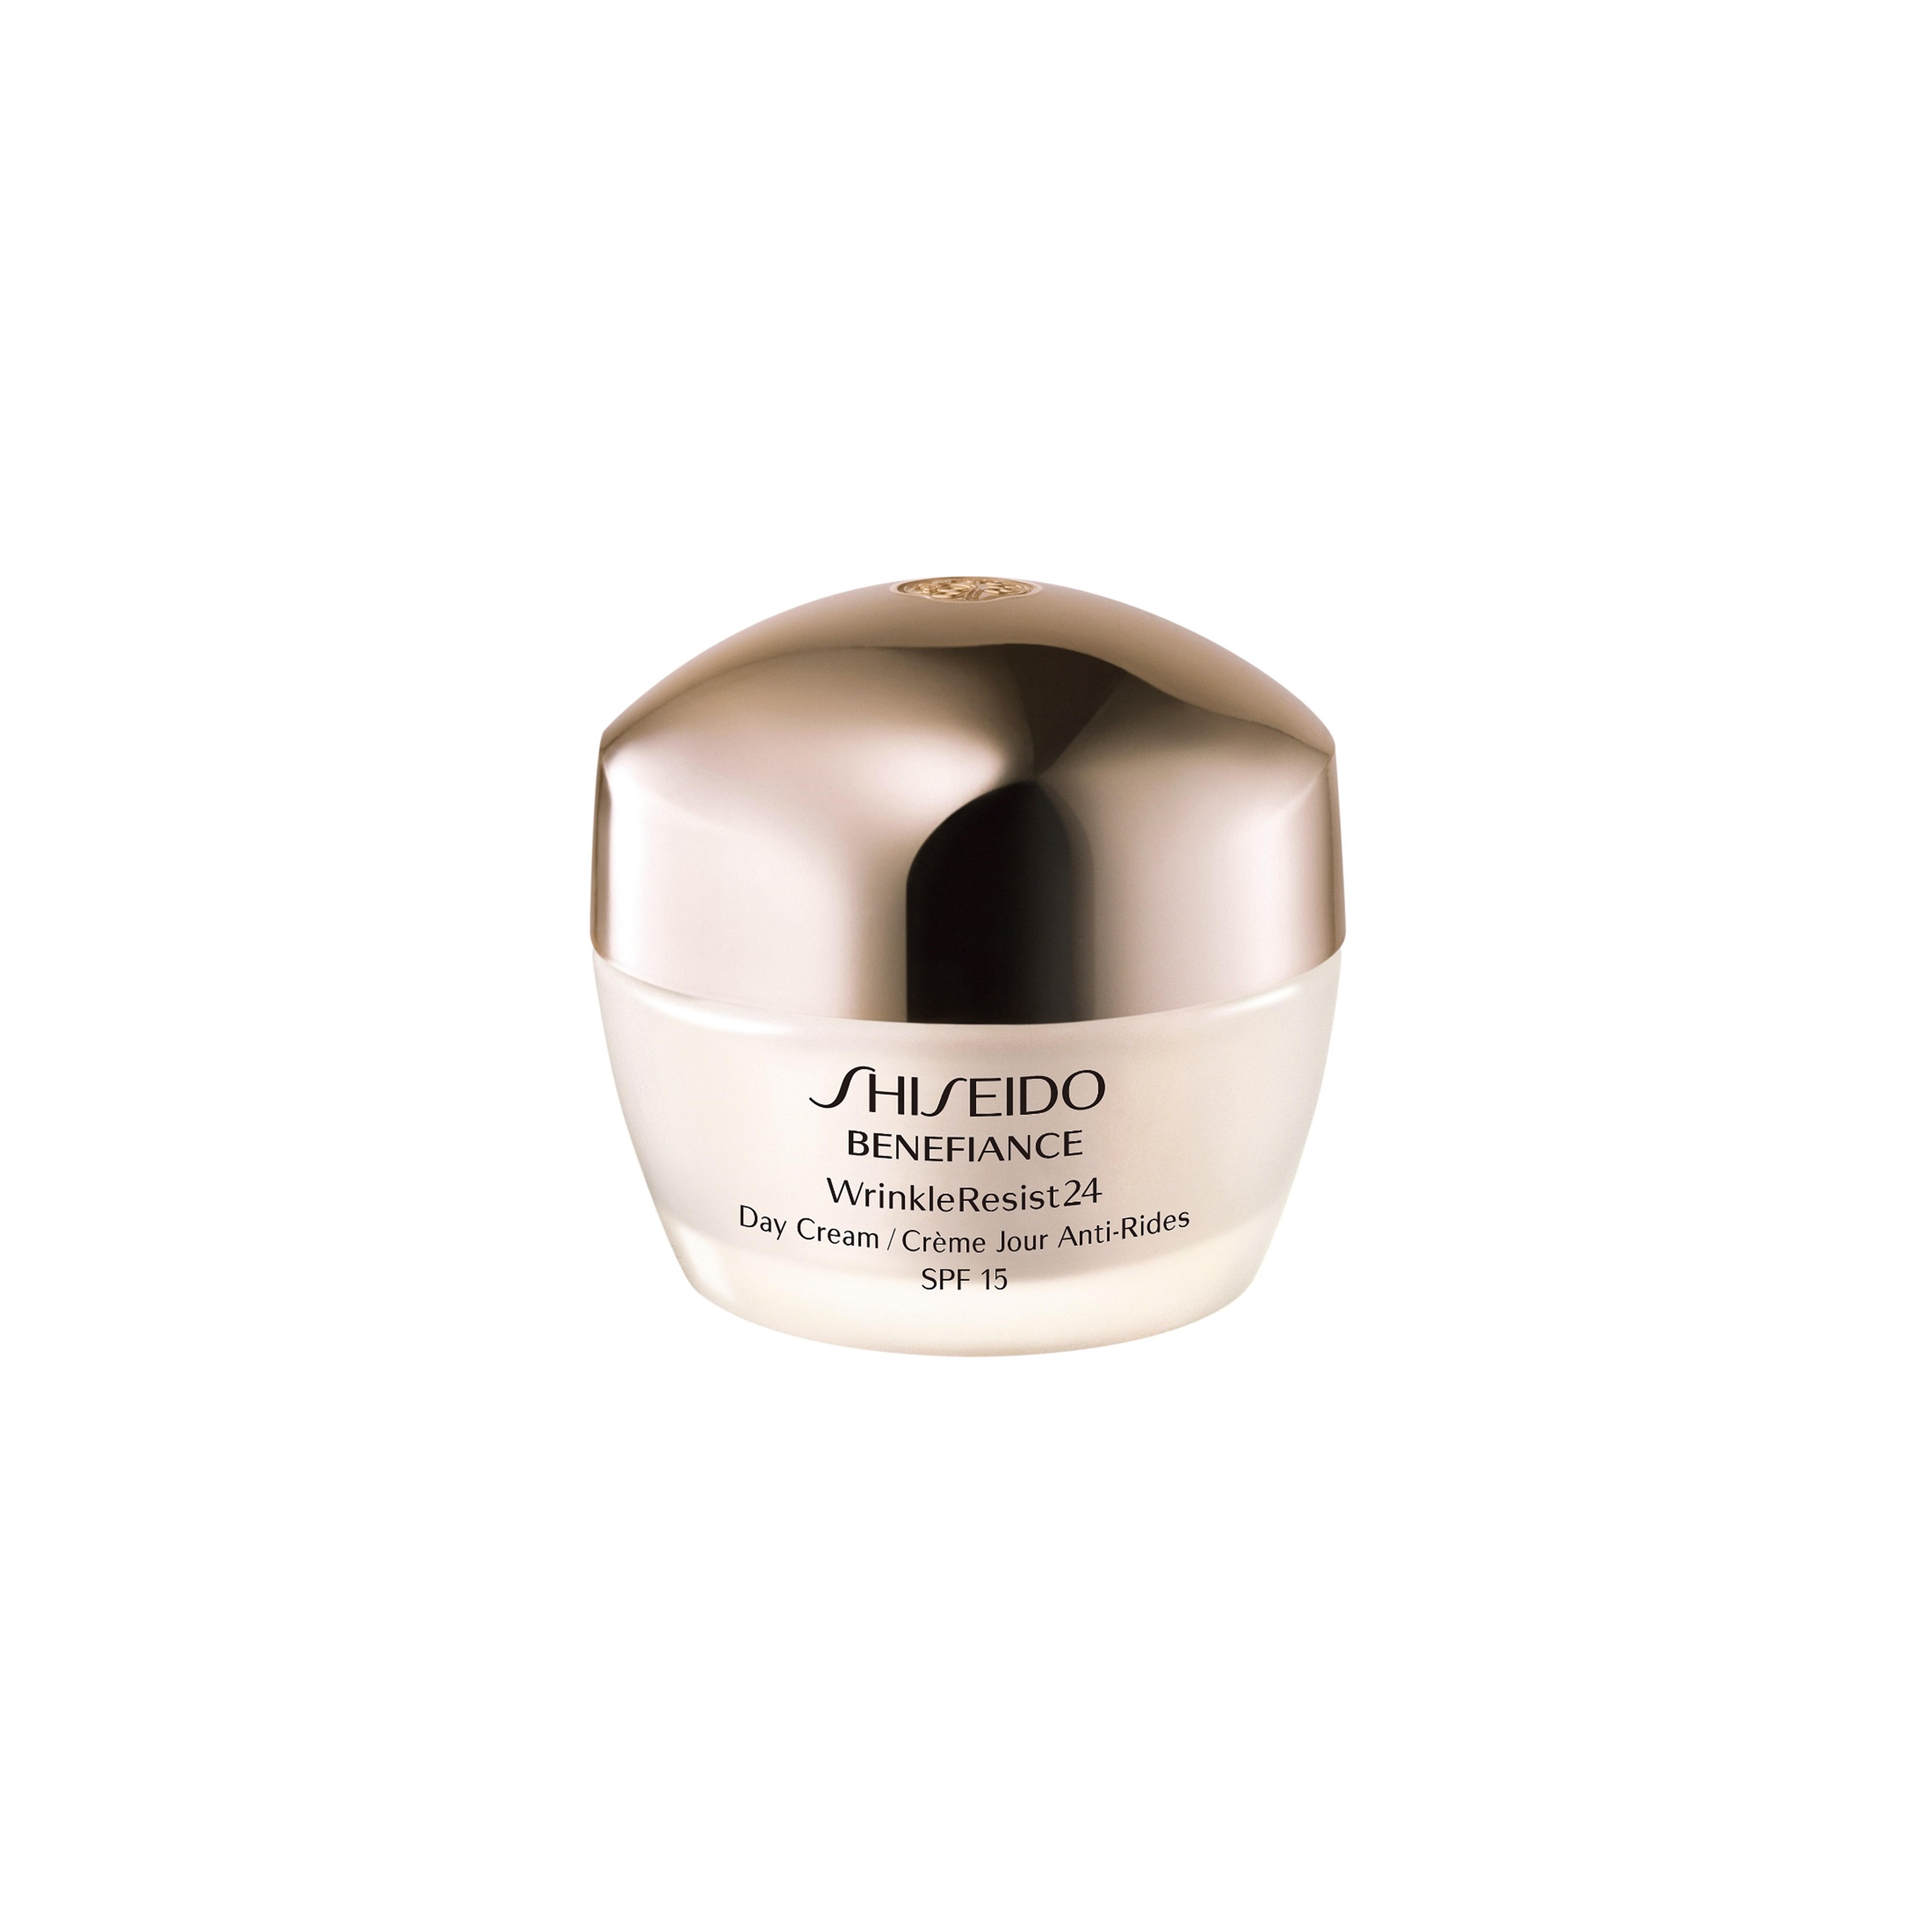 Shiseido Benefiance WrinkleResist24 Day Cream SPF 15